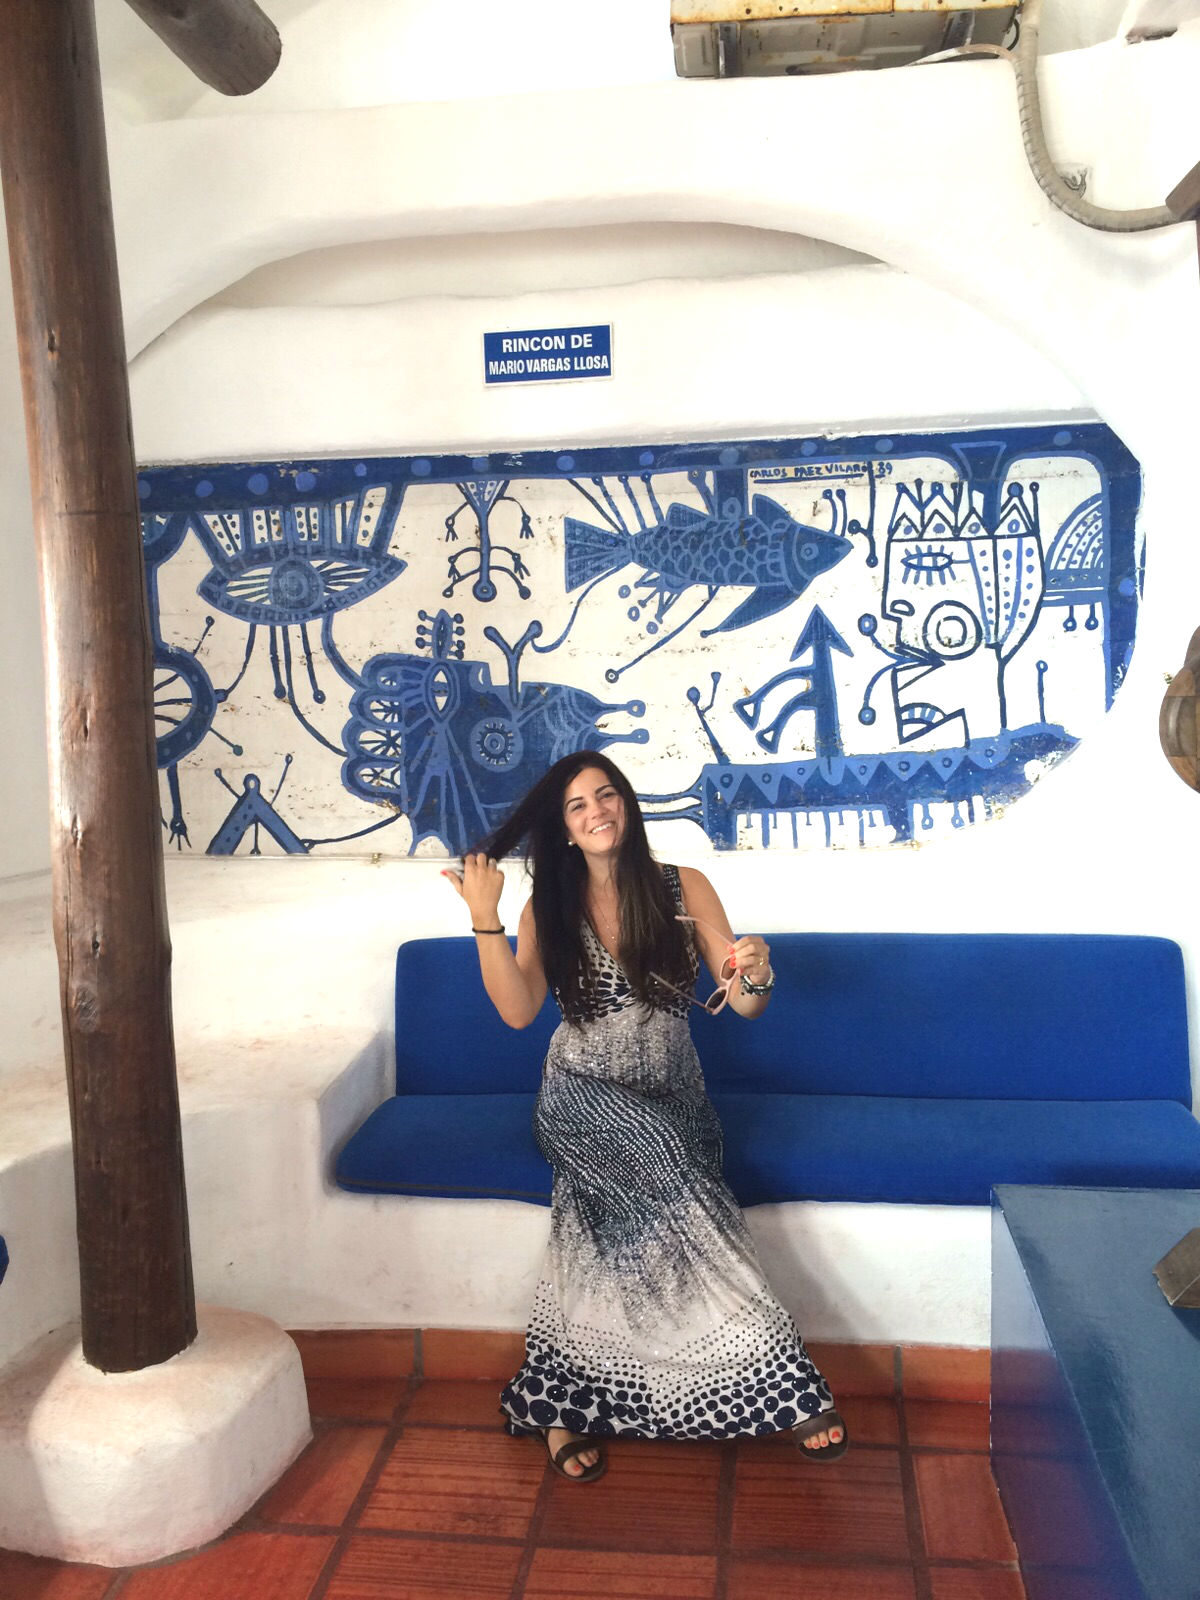 Casapubelo 7 uruguai punta ballena